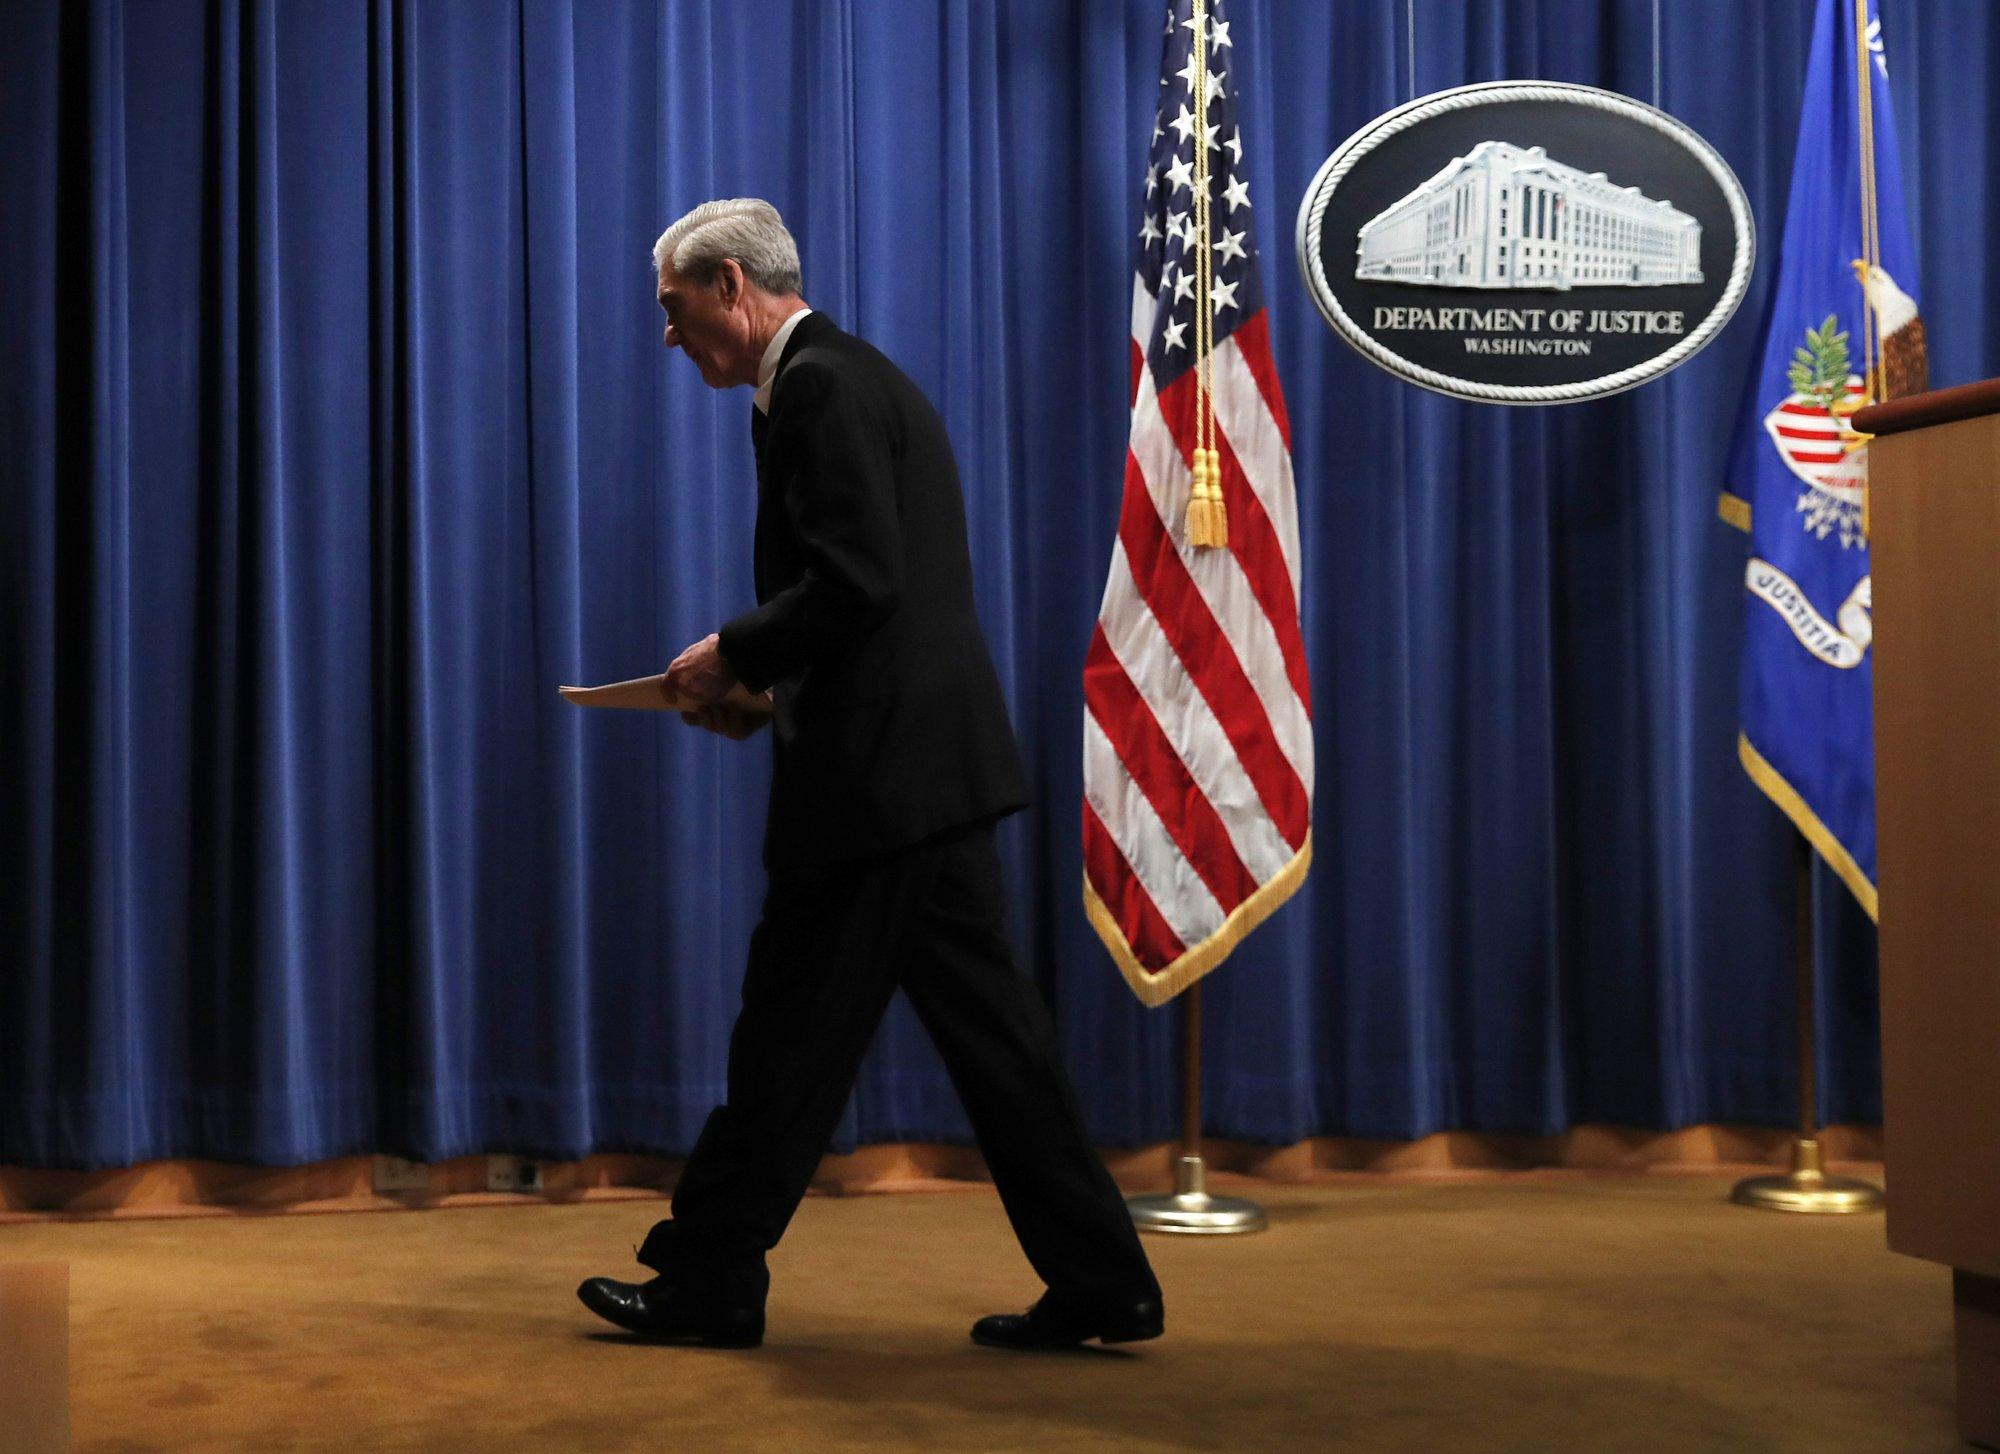 Mueller ap 0529.jpeg